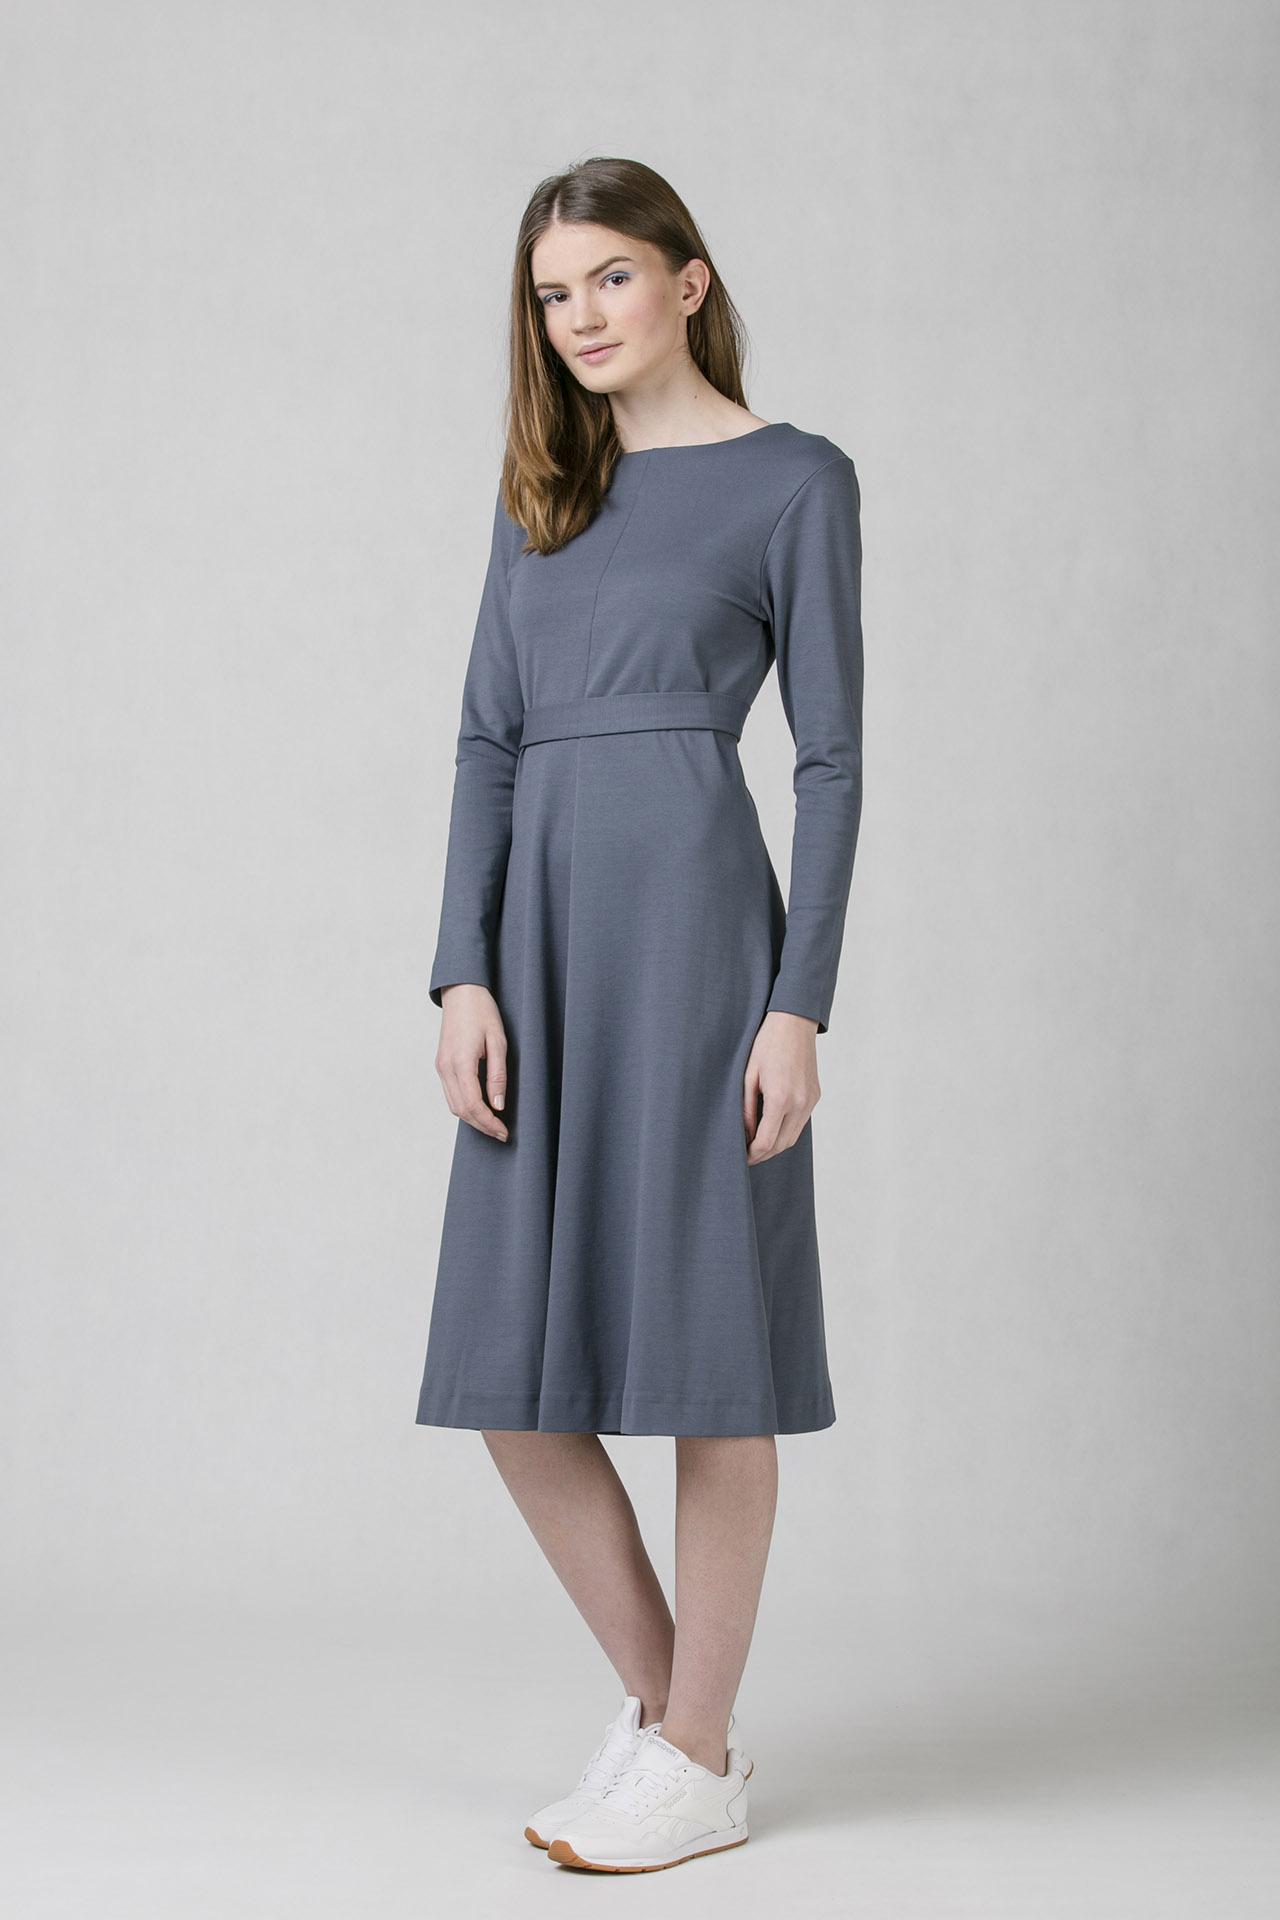 3a70d240ab0b Společenské šaty Oneday s áčkovou sukní v midi délce